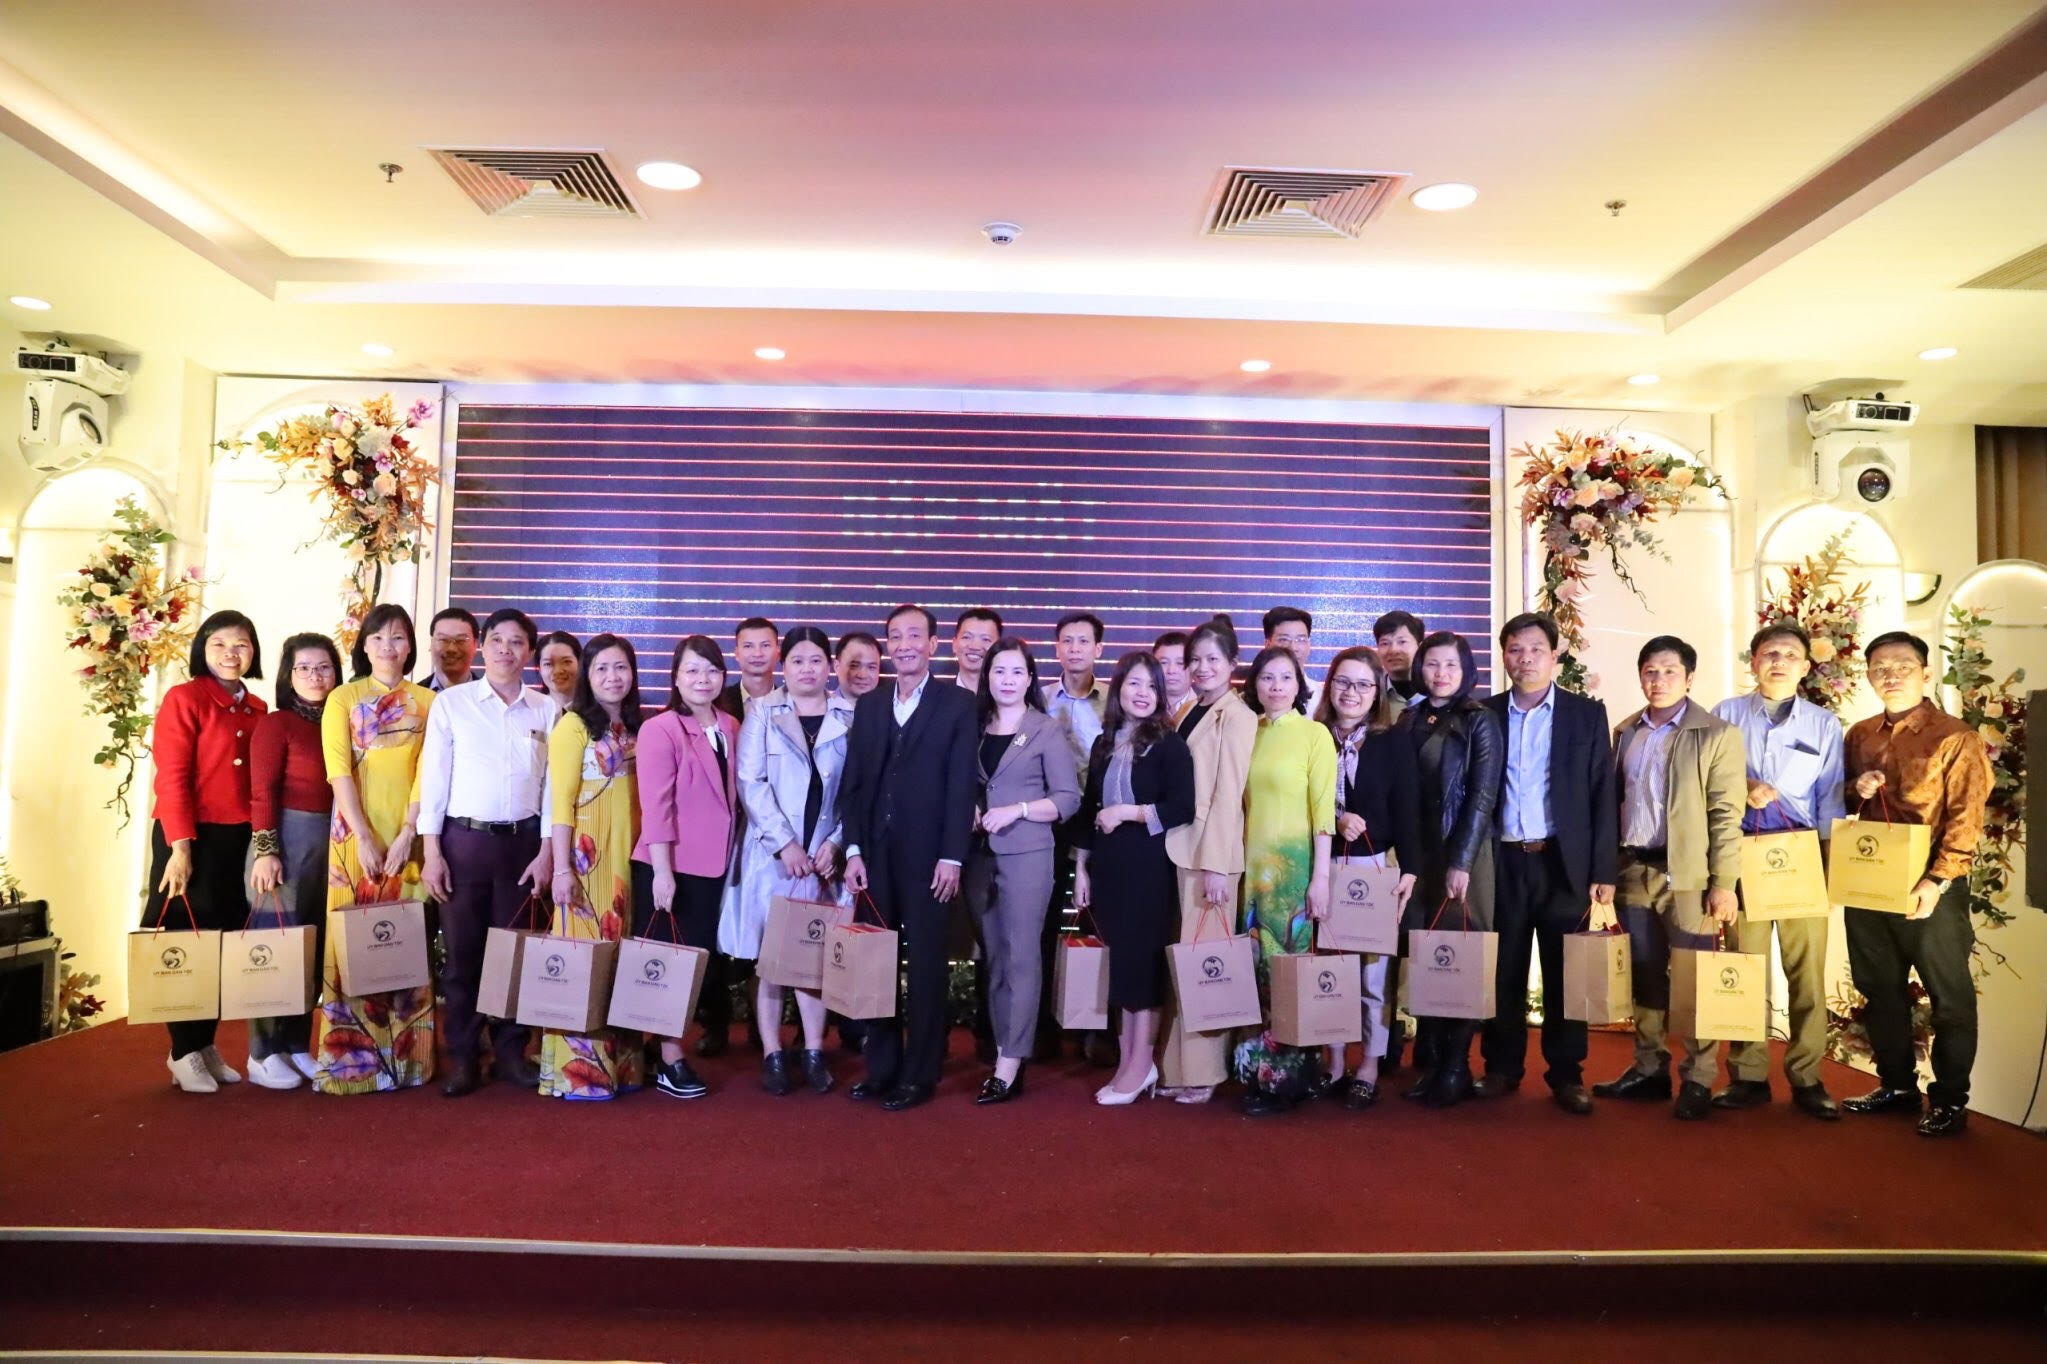 Bà Lương Thị Việt Yến, Phó Vụ trưởng Vụ DTTS tặng quà của UBDT cho các thầy cô giáo